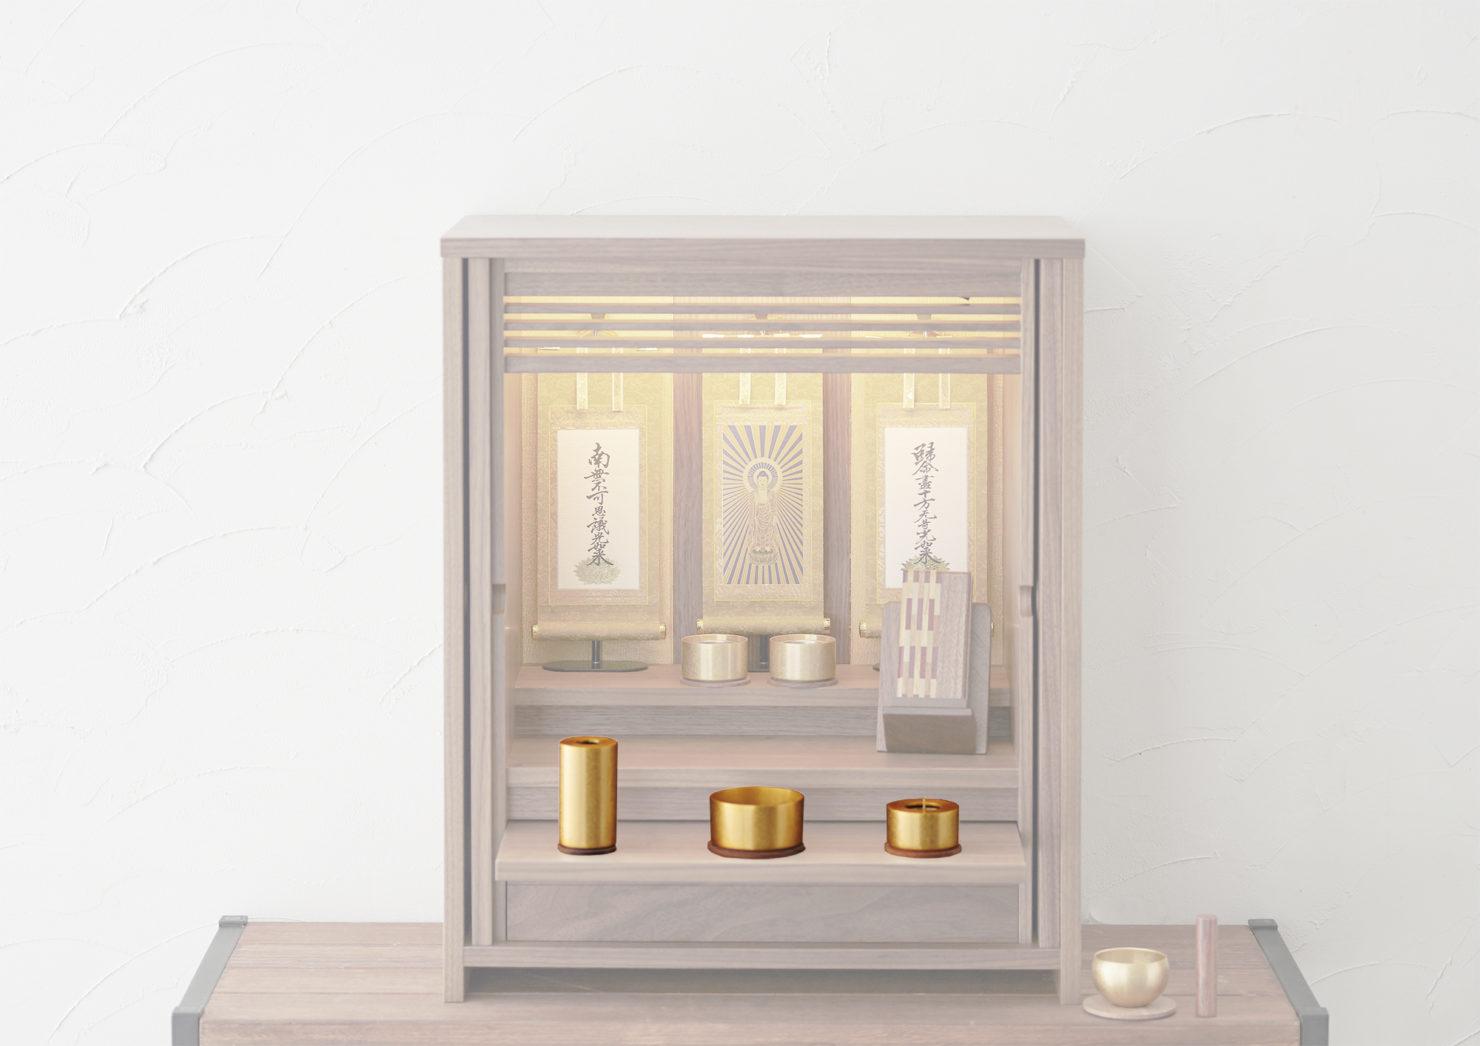 浄土真宗の仏壇の三具足の飾り方